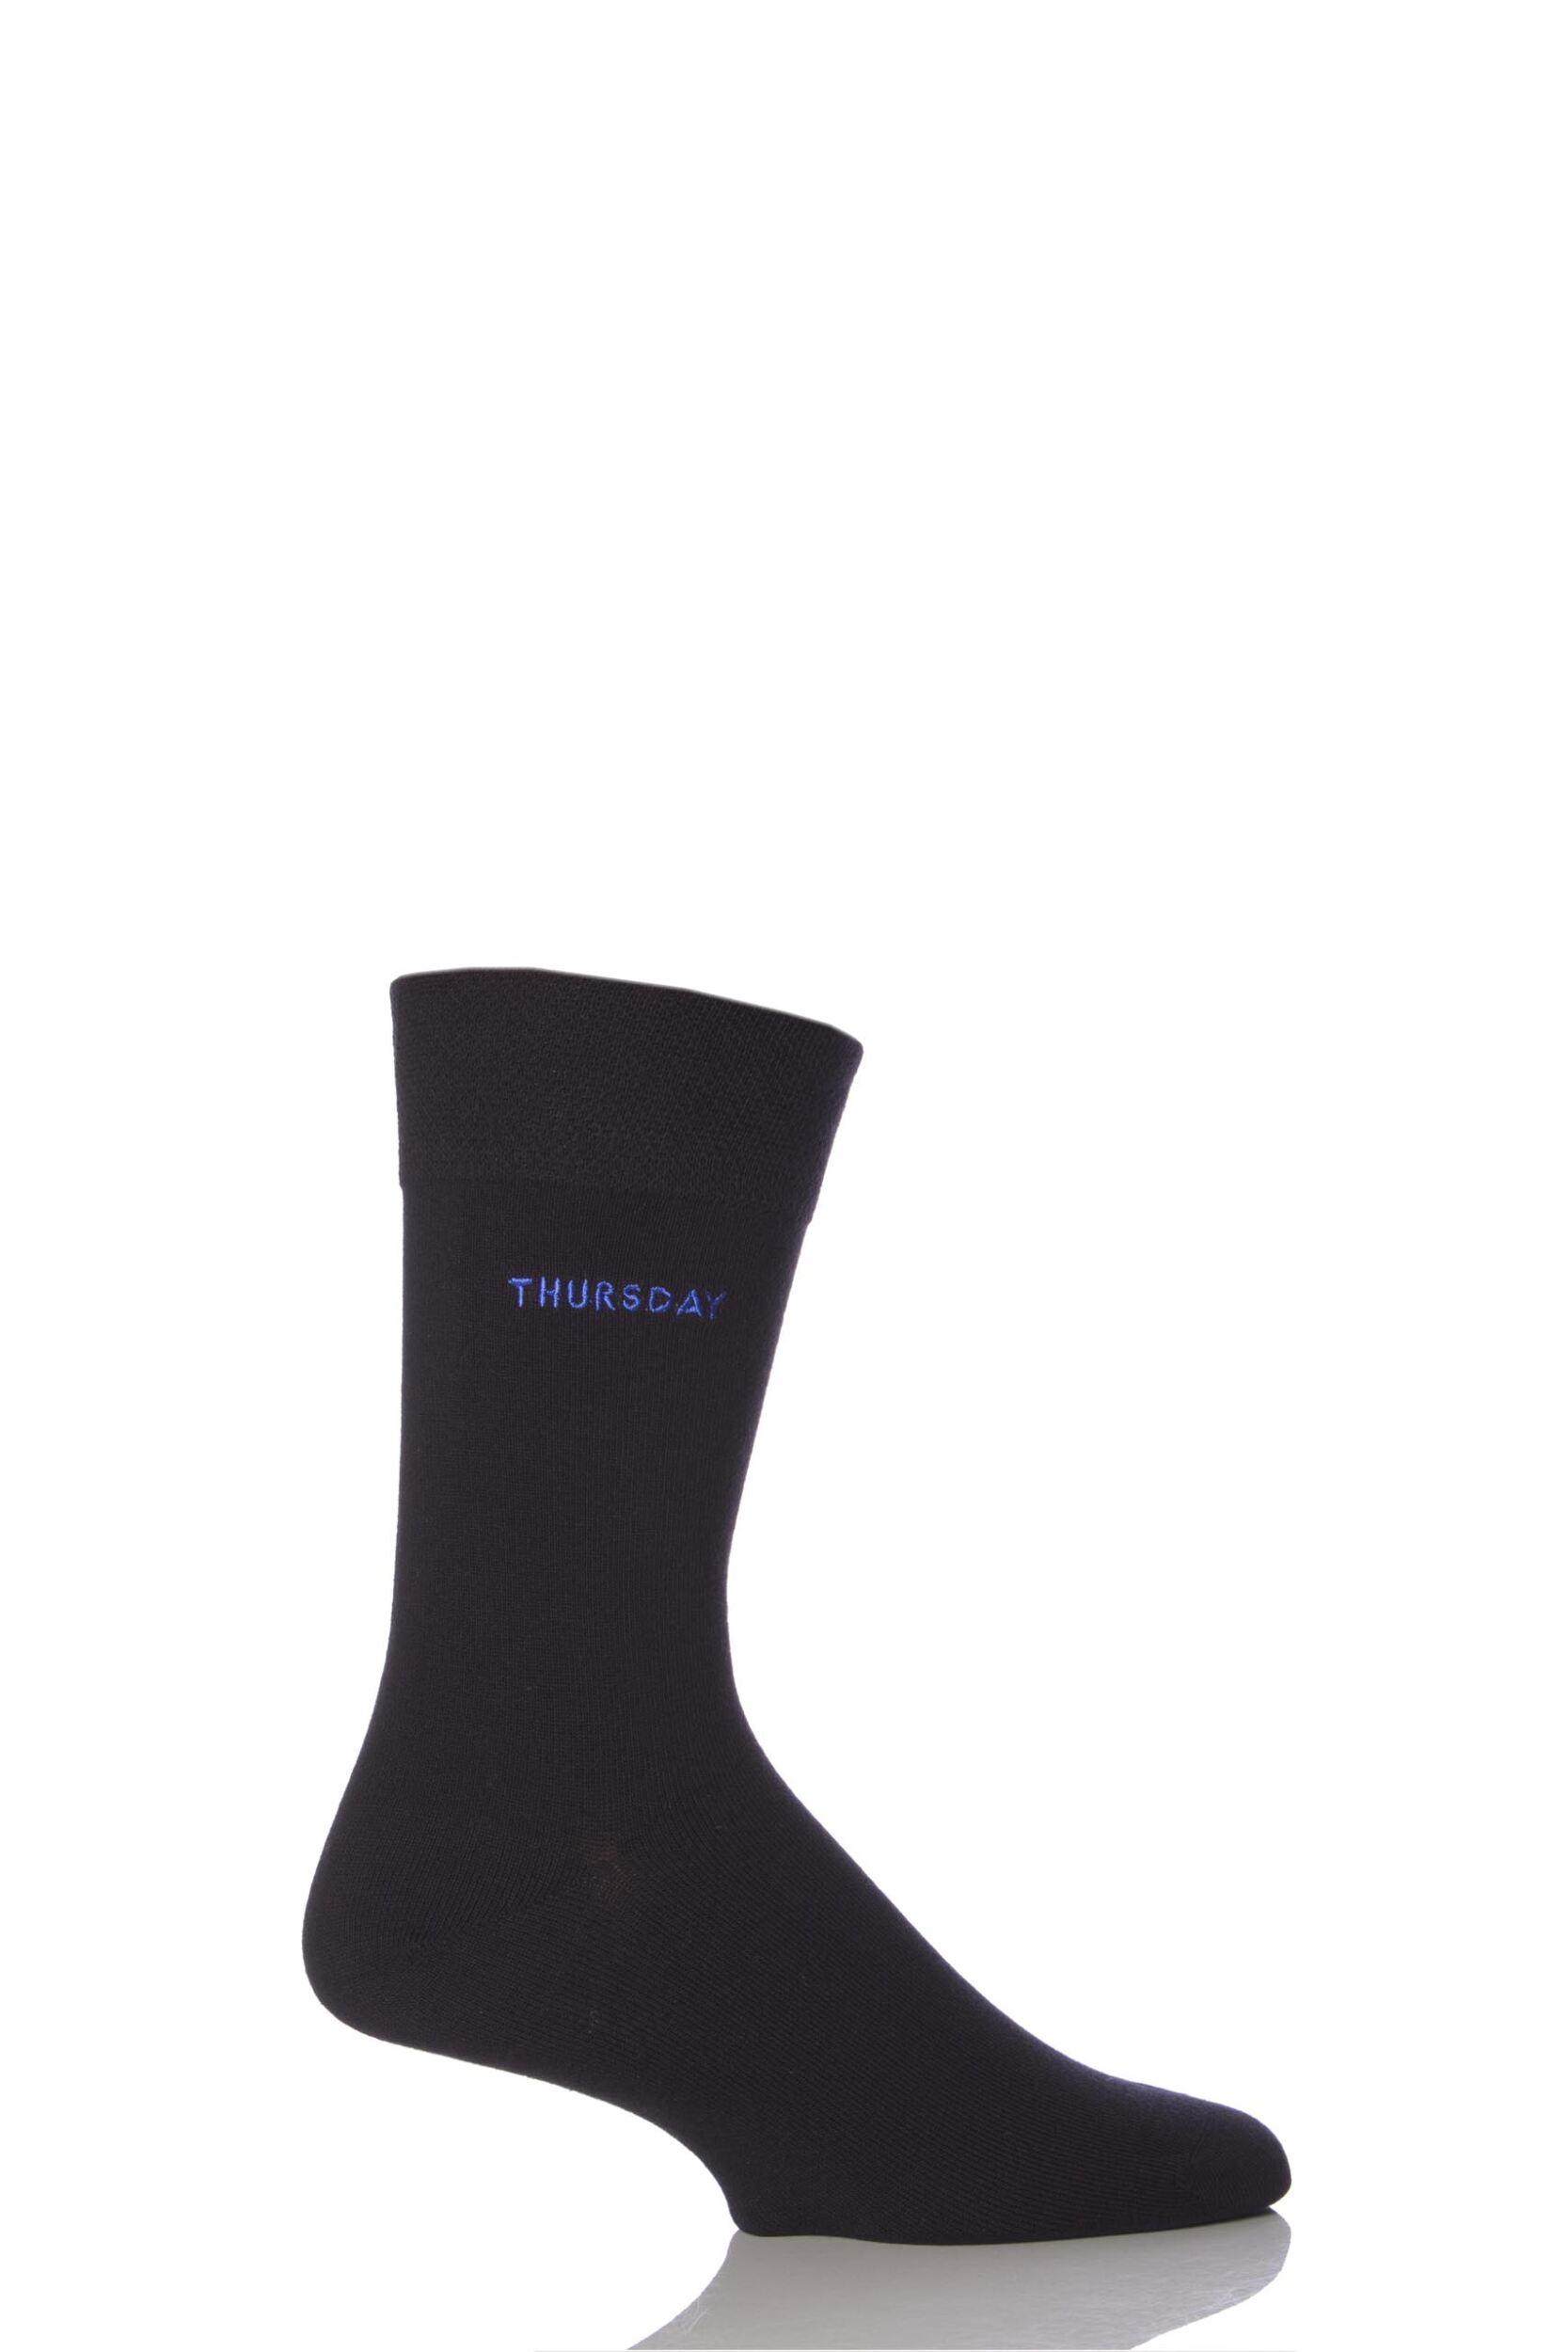 Mens 1 Pair SockShop Individual Days Of The Week Black Embroidered Socks